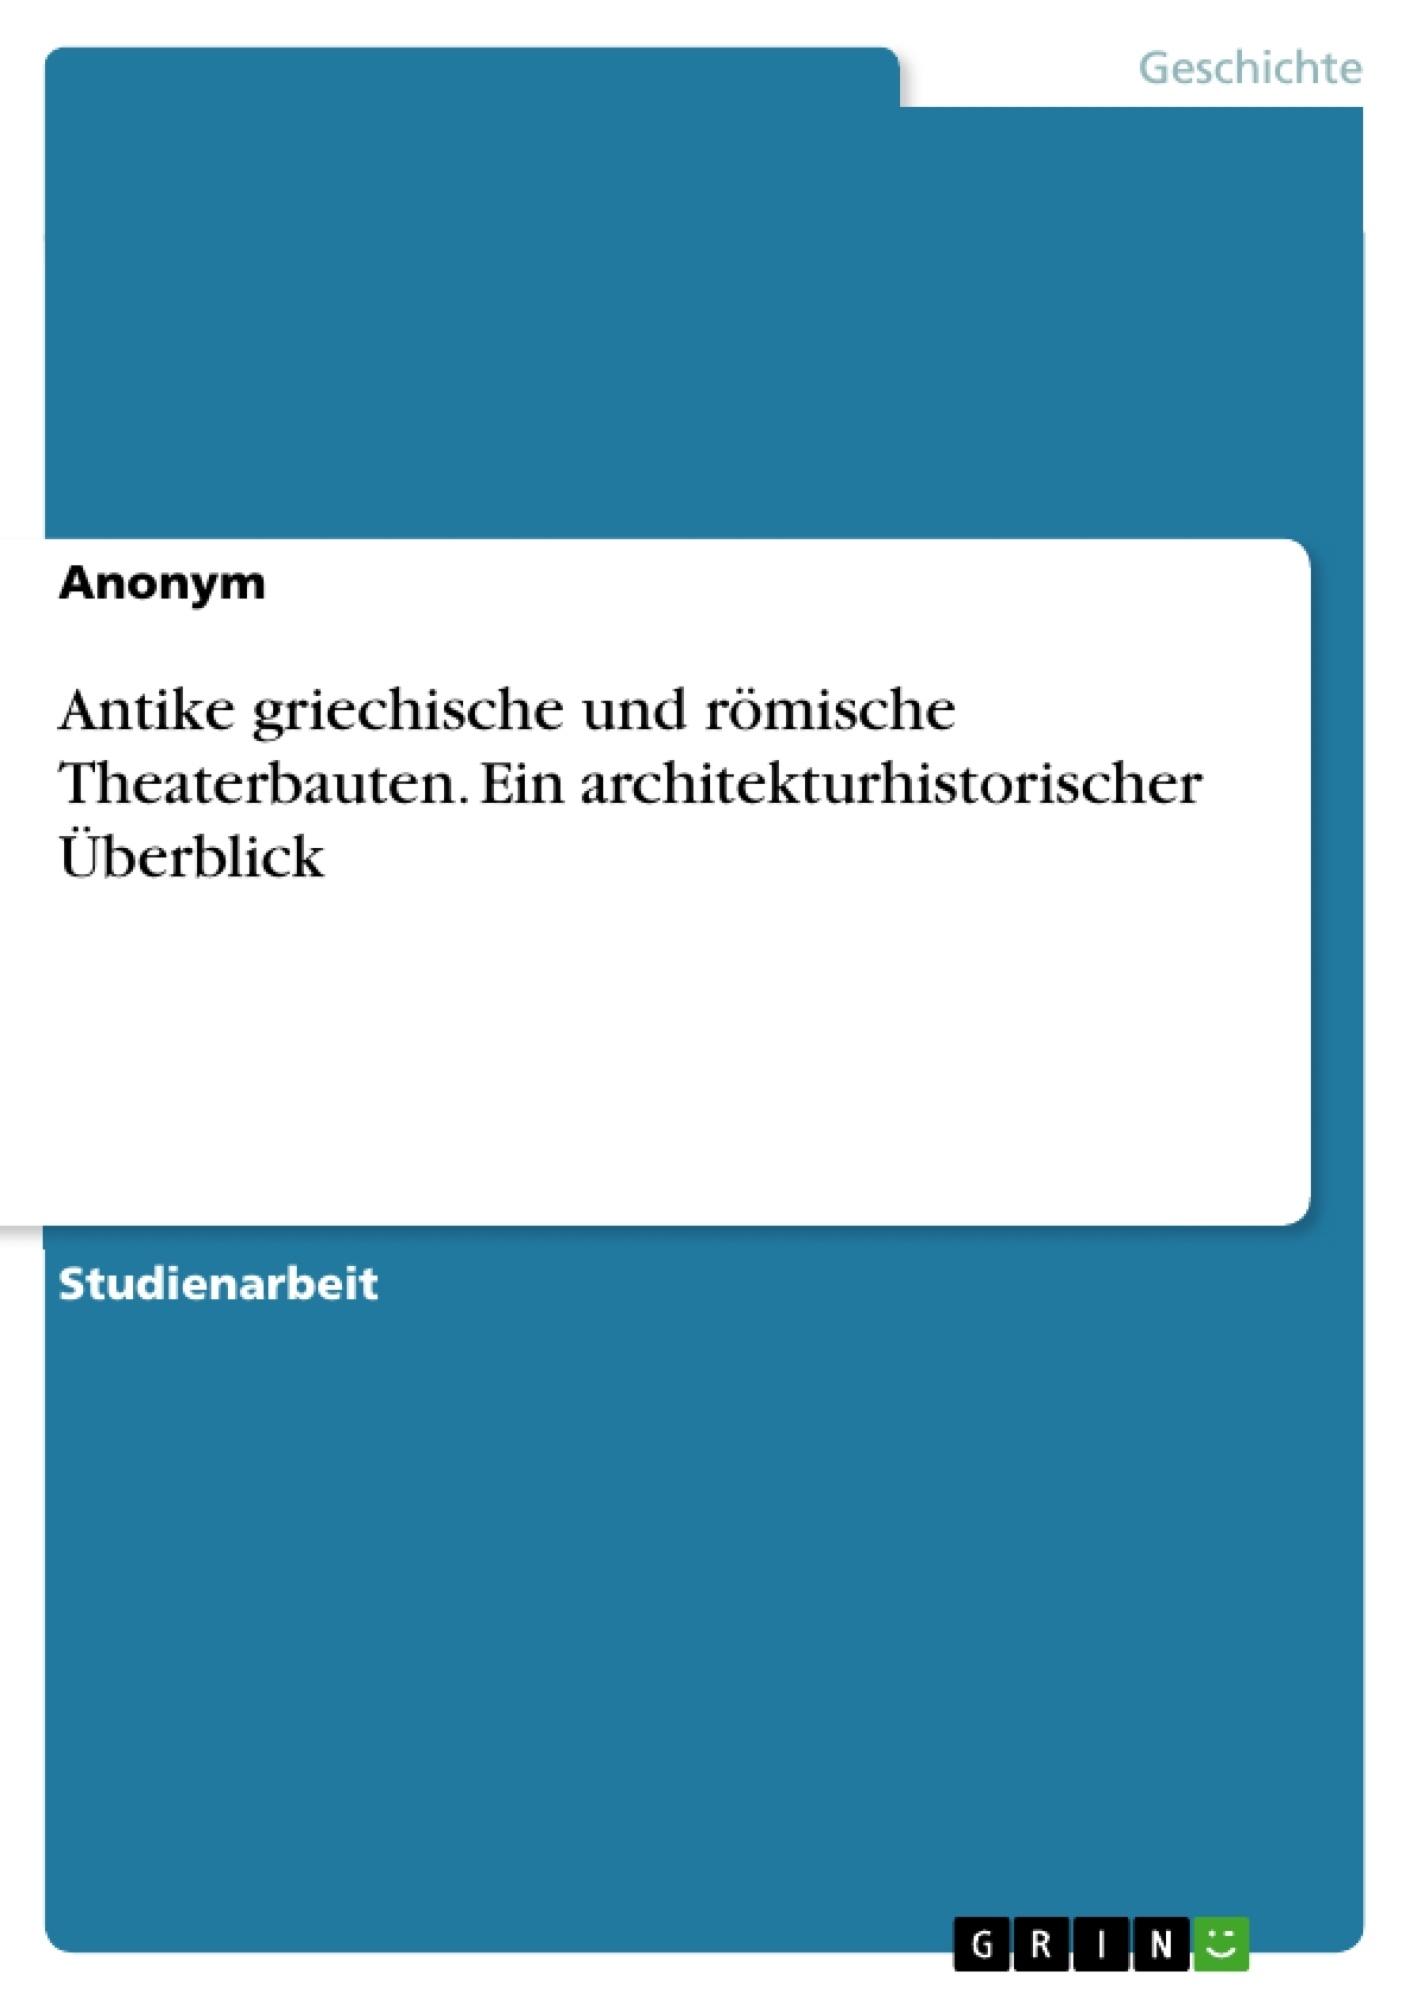 Titel: Antike griechische und römische Theaterbauten. Ein architekturhistorischer Überblick